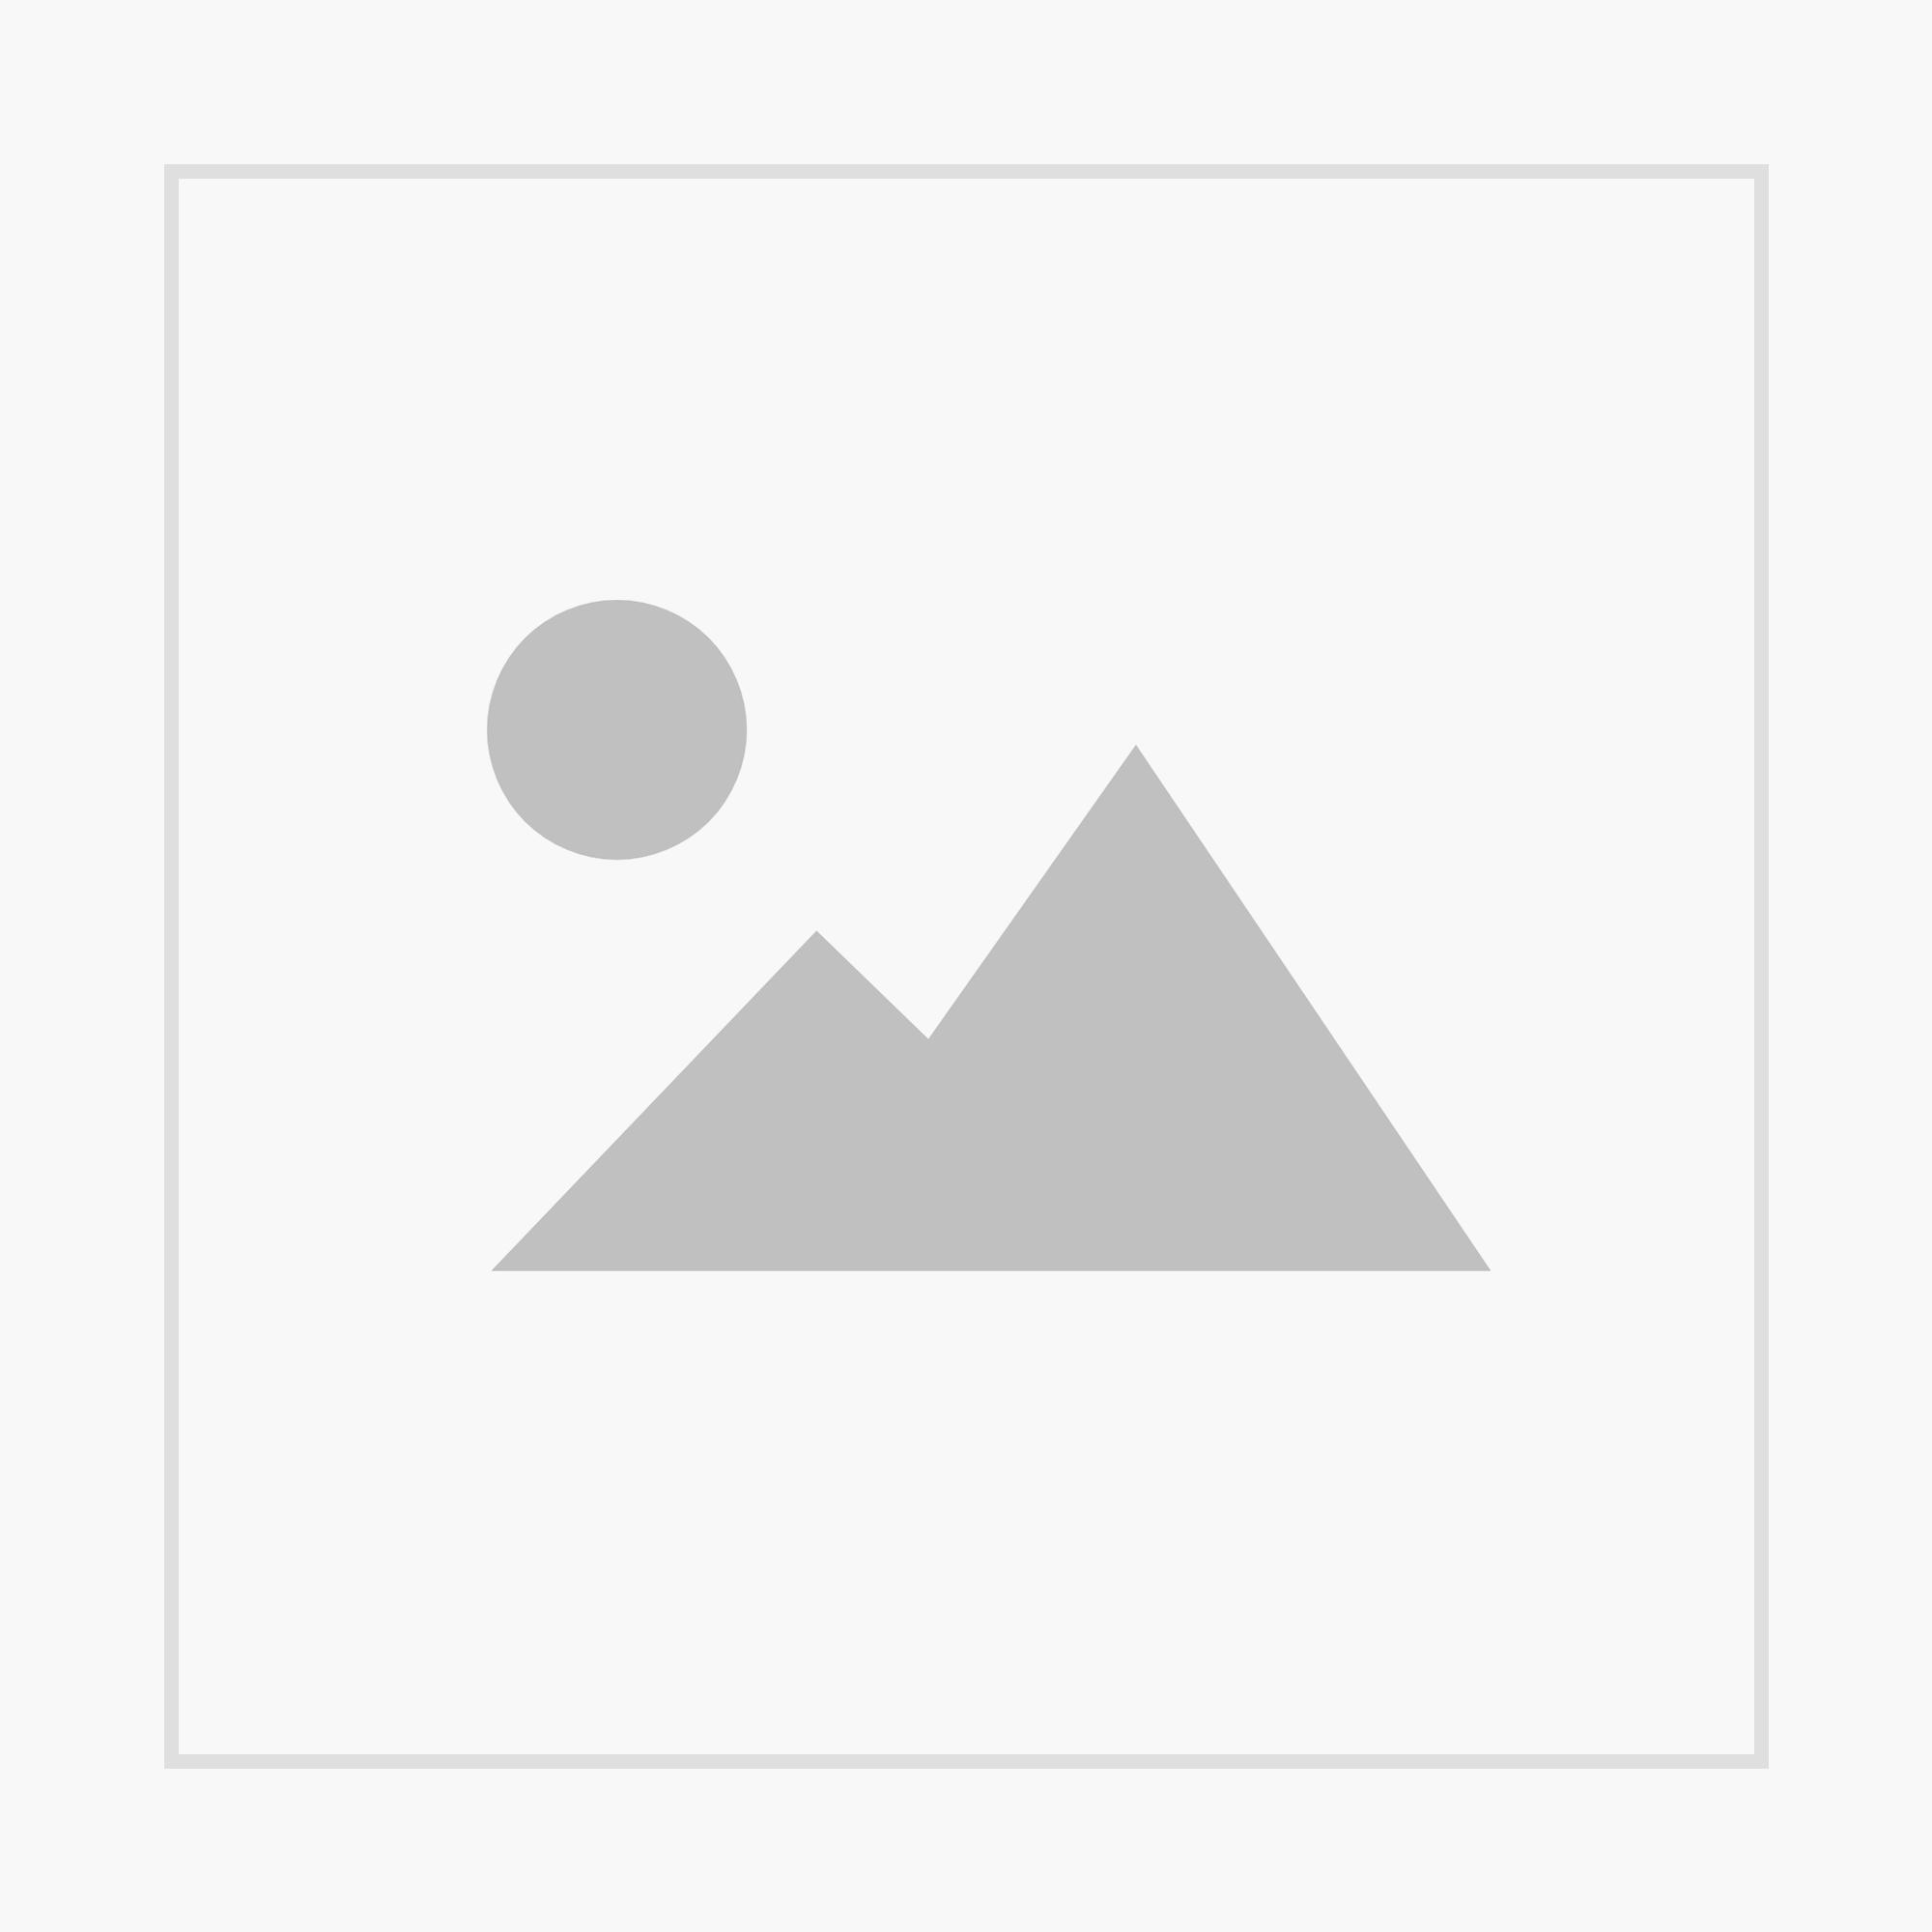 Landlust - Engel mit goldenem Stern und Laterne